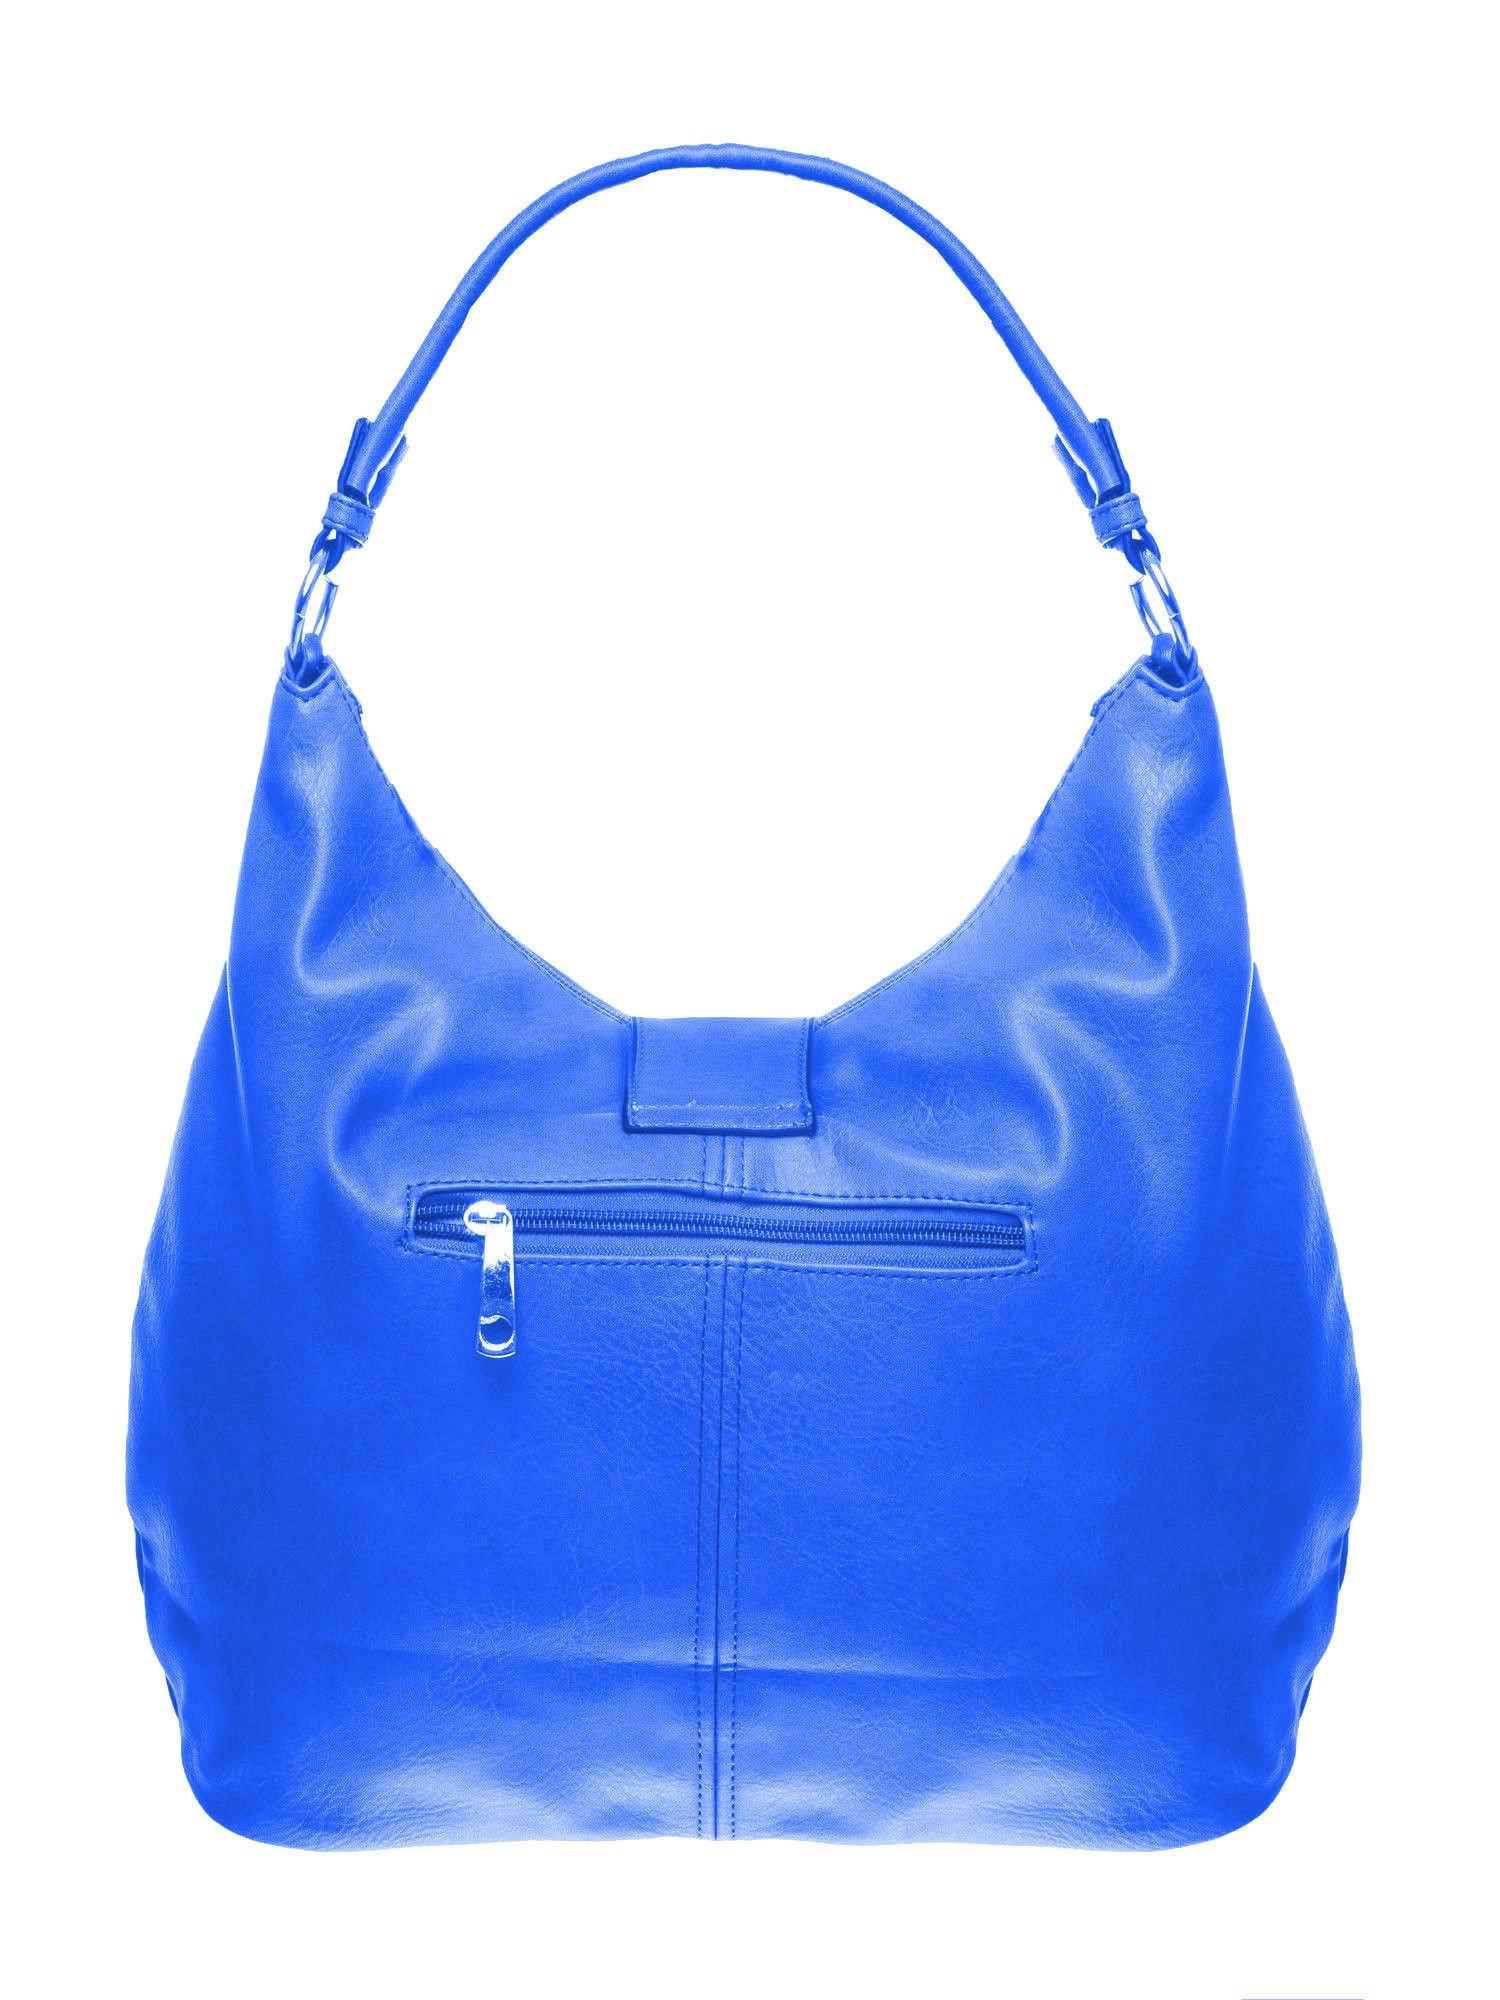 Niebieska torebka hobo z zapięciem                                  zdj.                                  2